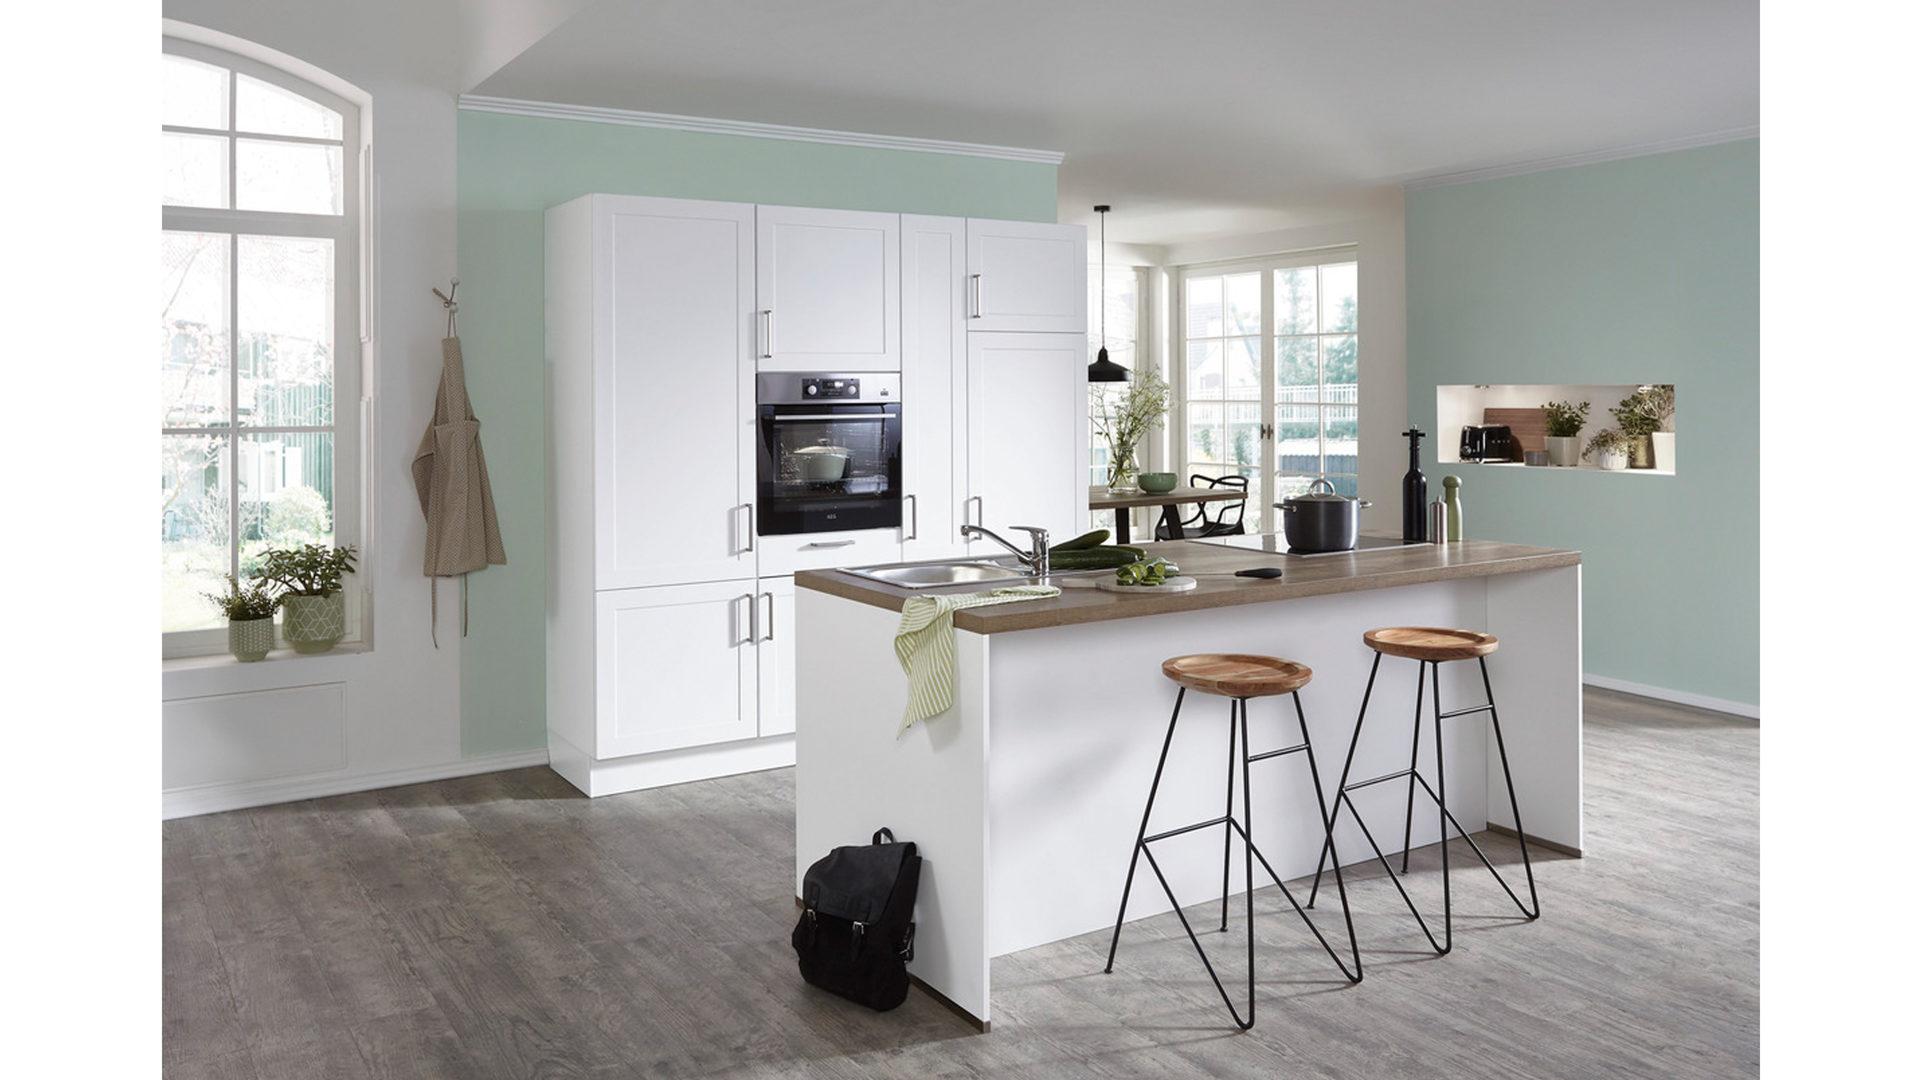 Möbel Eilers Apen | Räume | Küche | Einbauküche | Einbauküche mit ...